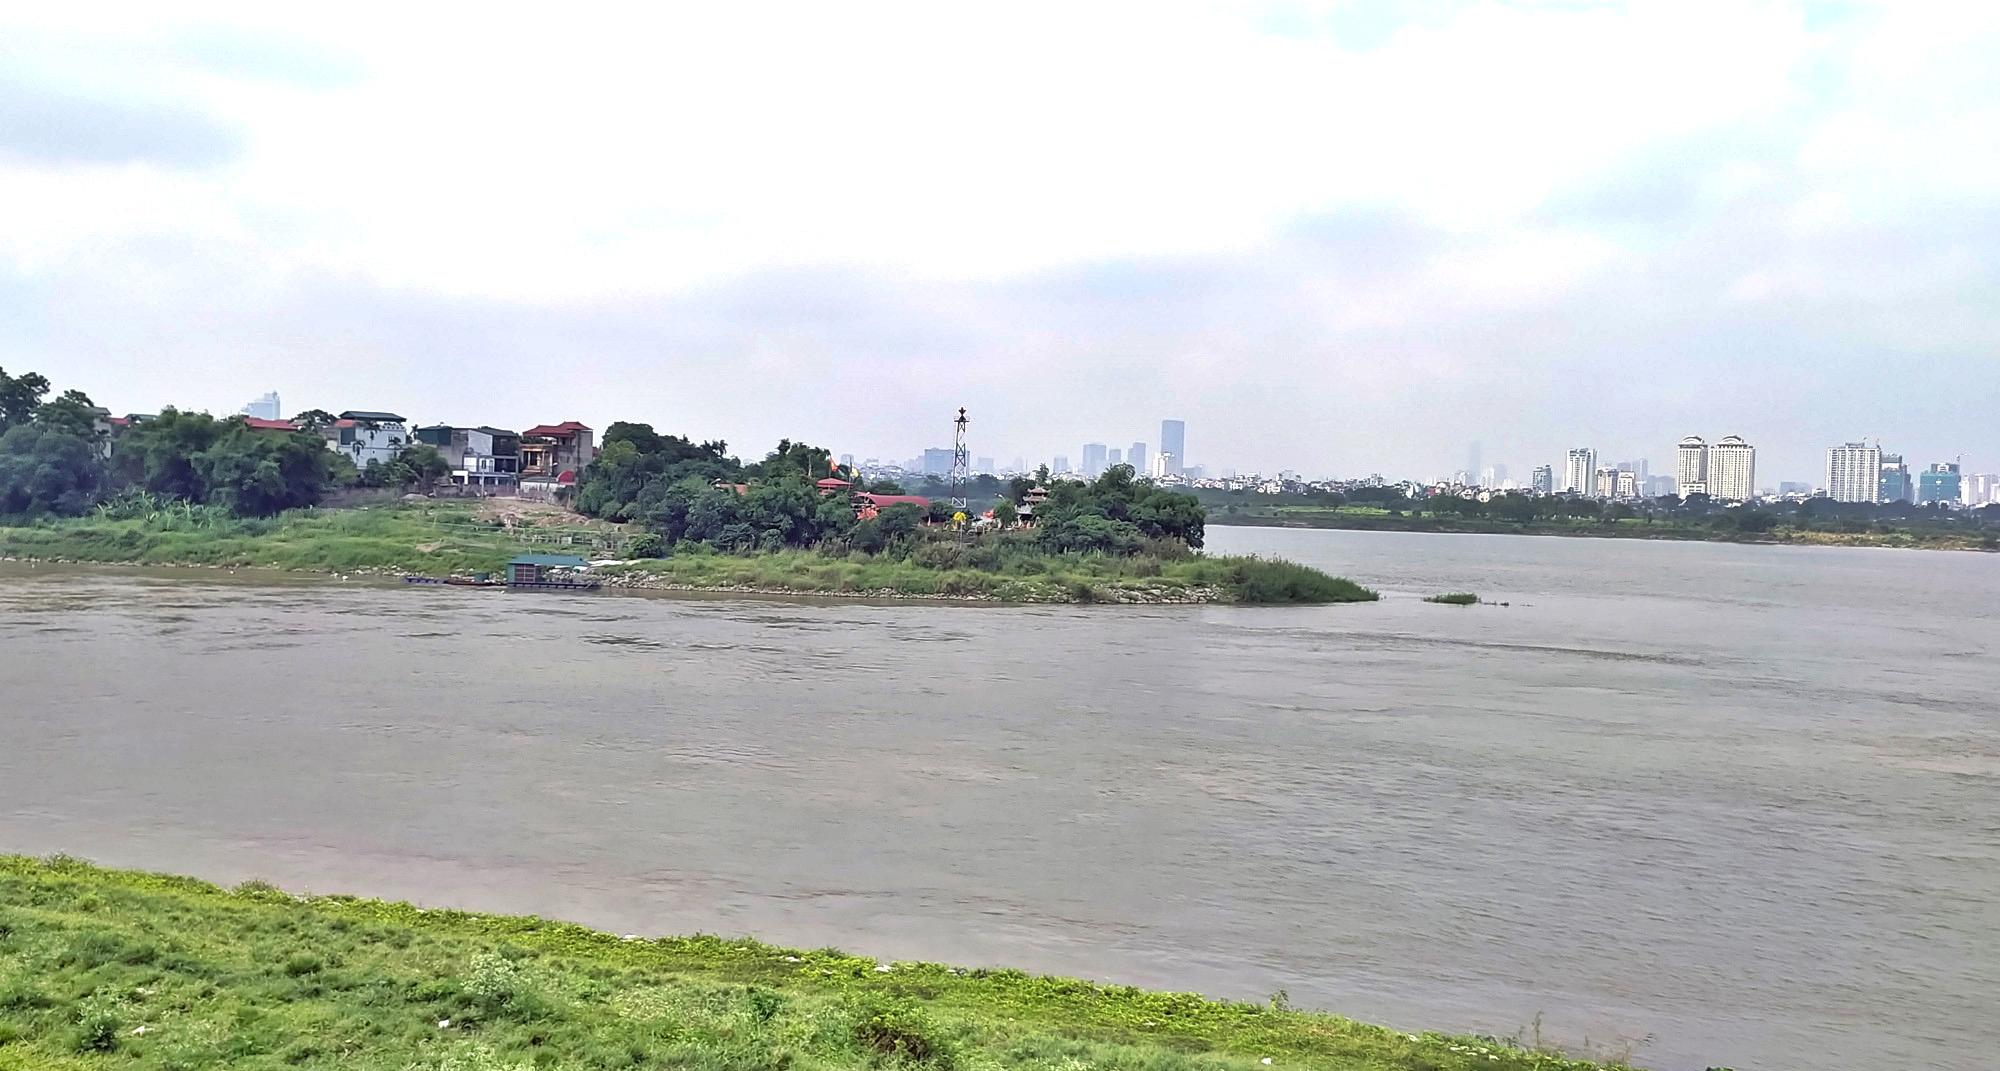 Cận cảnh những 'bán đảo' ngay giữa trung tâm Hà Nội - Ảnh 3.